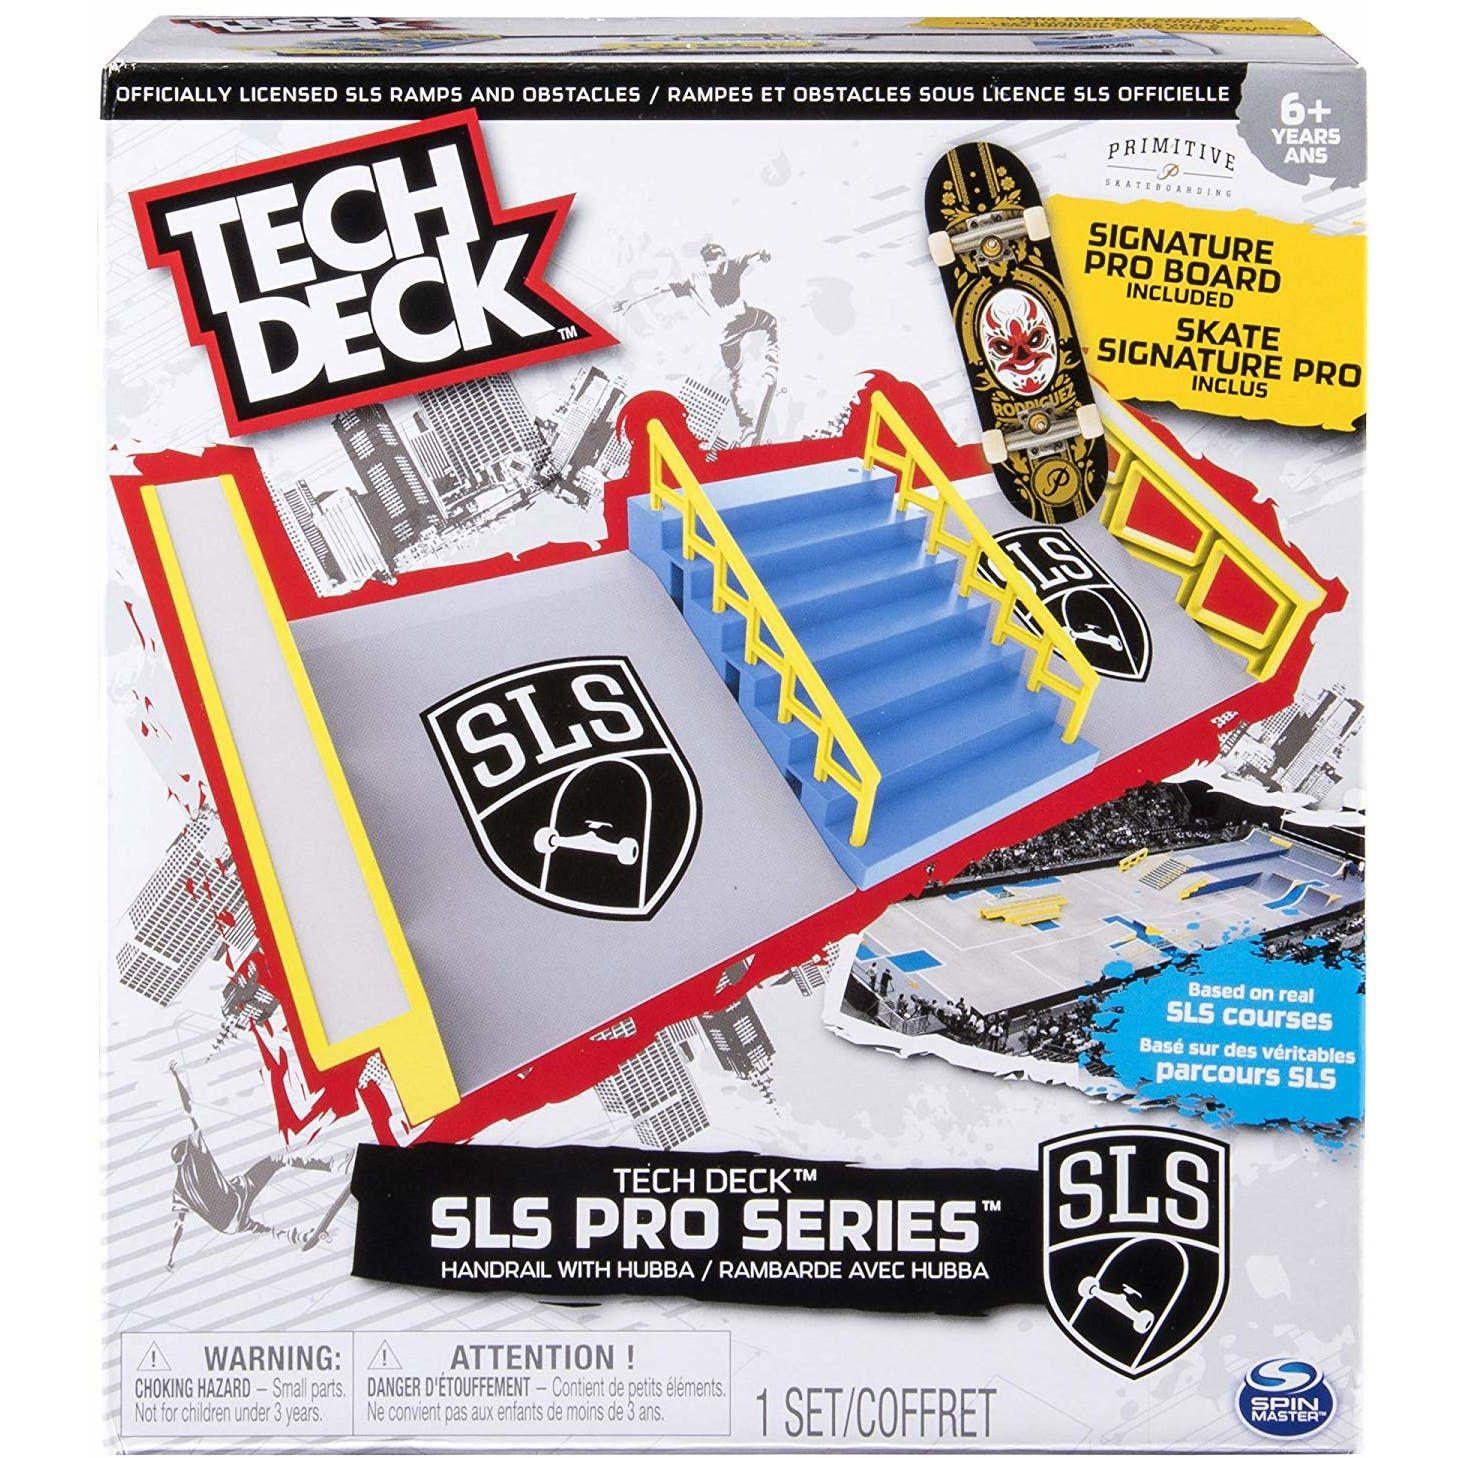 Tech Deck Fingerboard Ramps Tech deck, Deck, Deck images